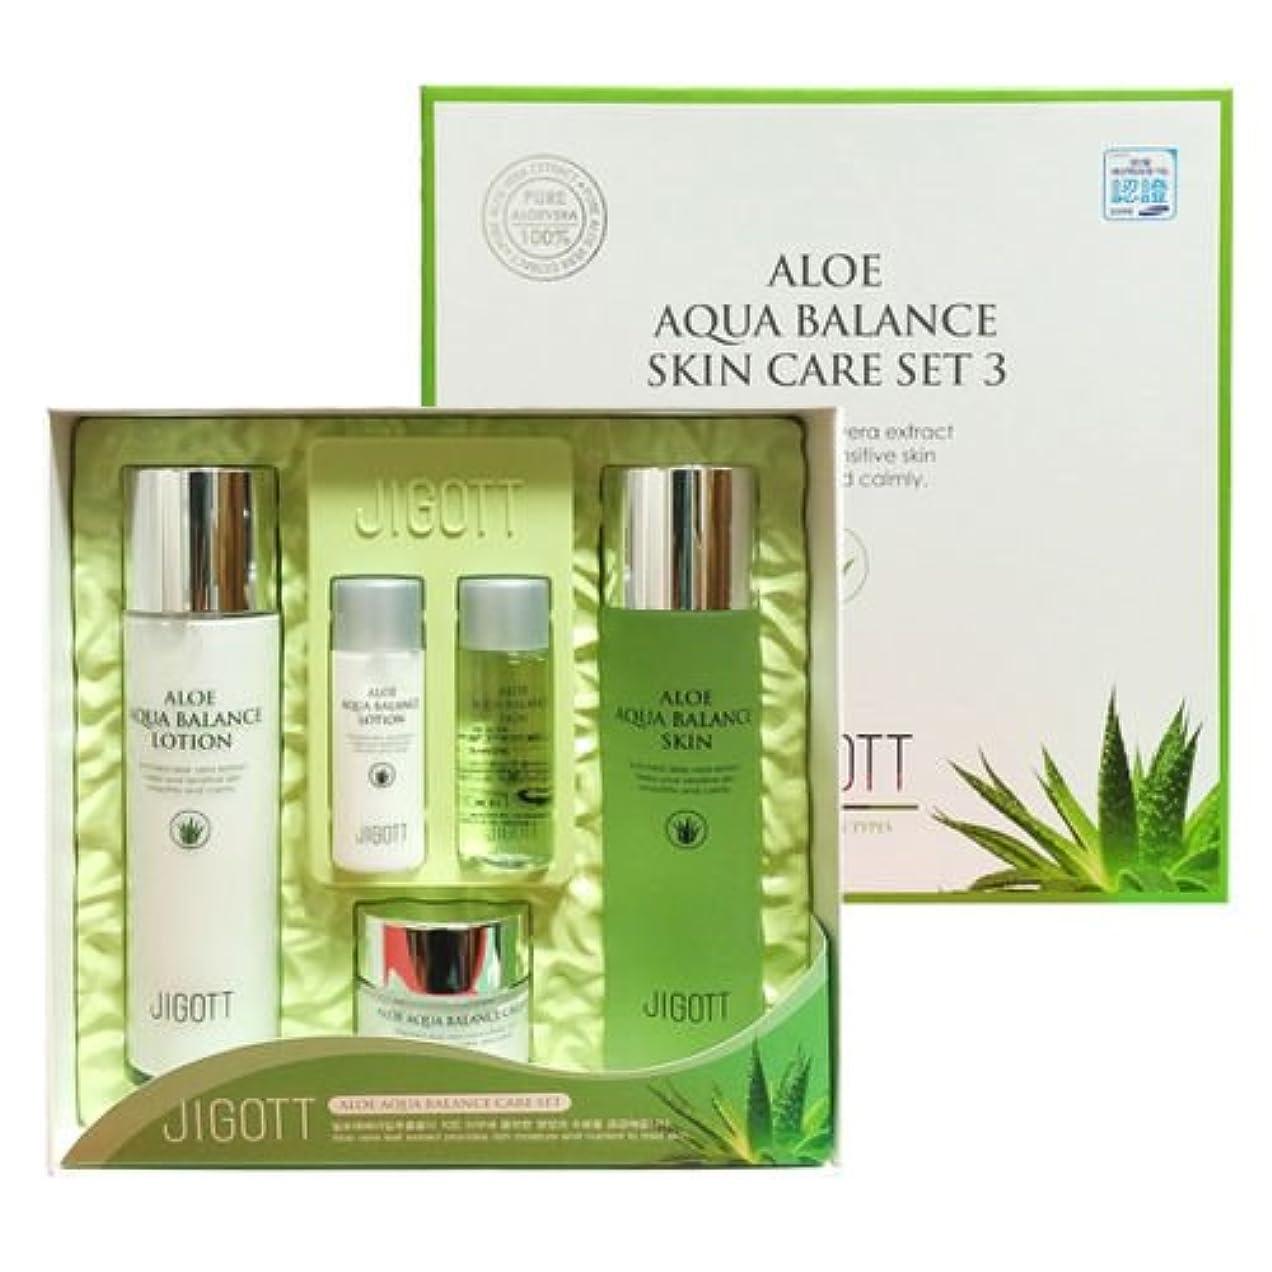 細分化するキノコカビジゴトゥ[韓国コスメJigott]Aloe Aqua Balance Skin Care 3 Set アロエアクアバランススキンケア3セット樹液,乳液,クリーム [並行輸入品]